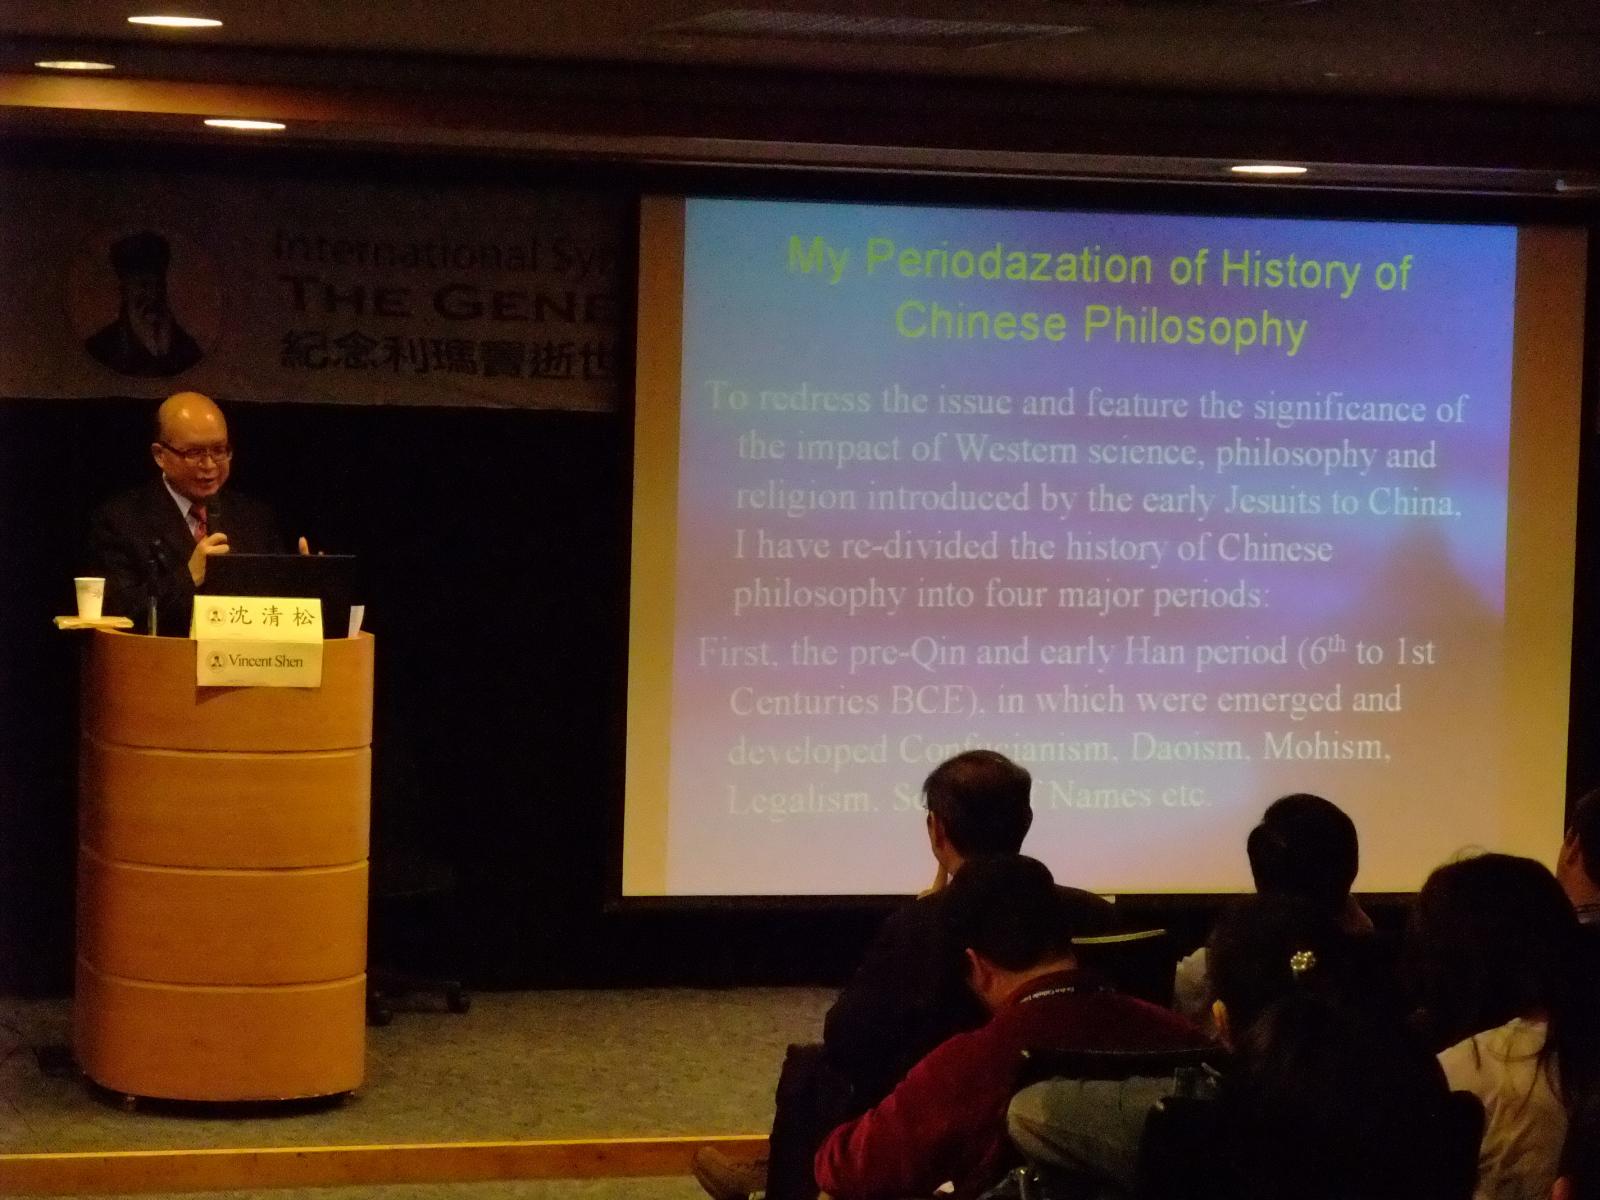 201004紀念利瑪竇逝世四百週年國際學術研討會-8